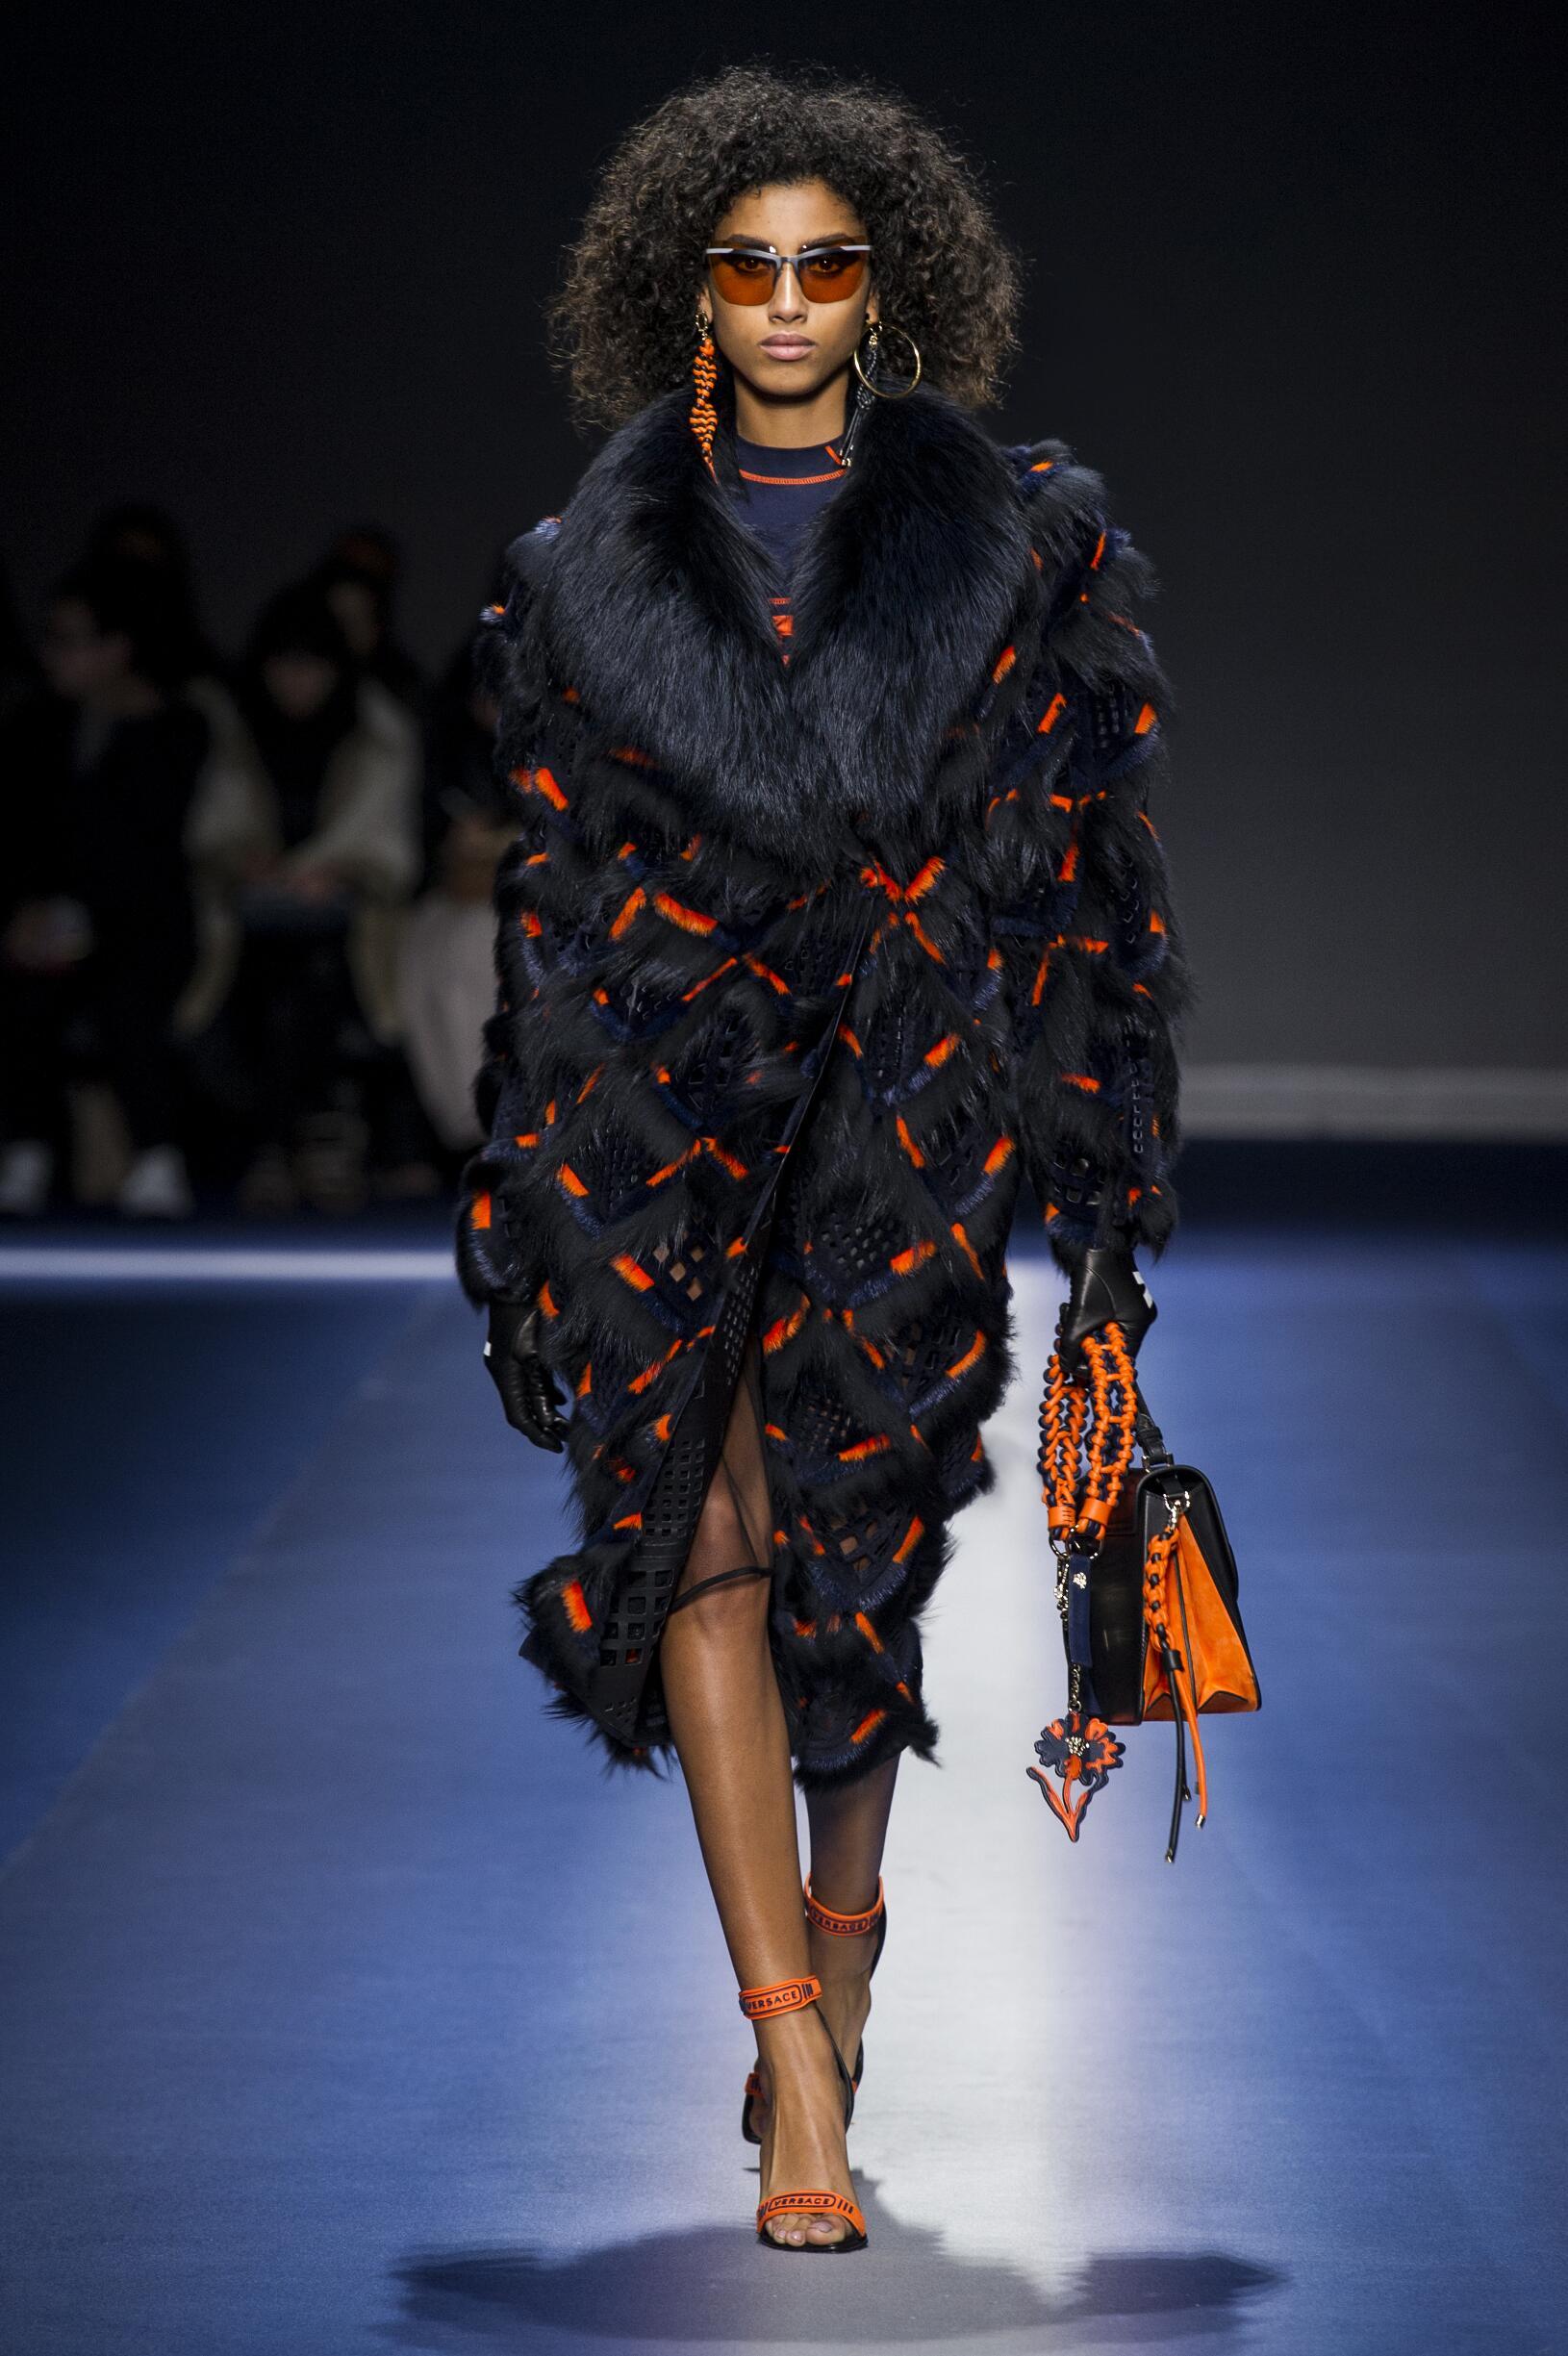 Versace Woman Milan Fashion Week